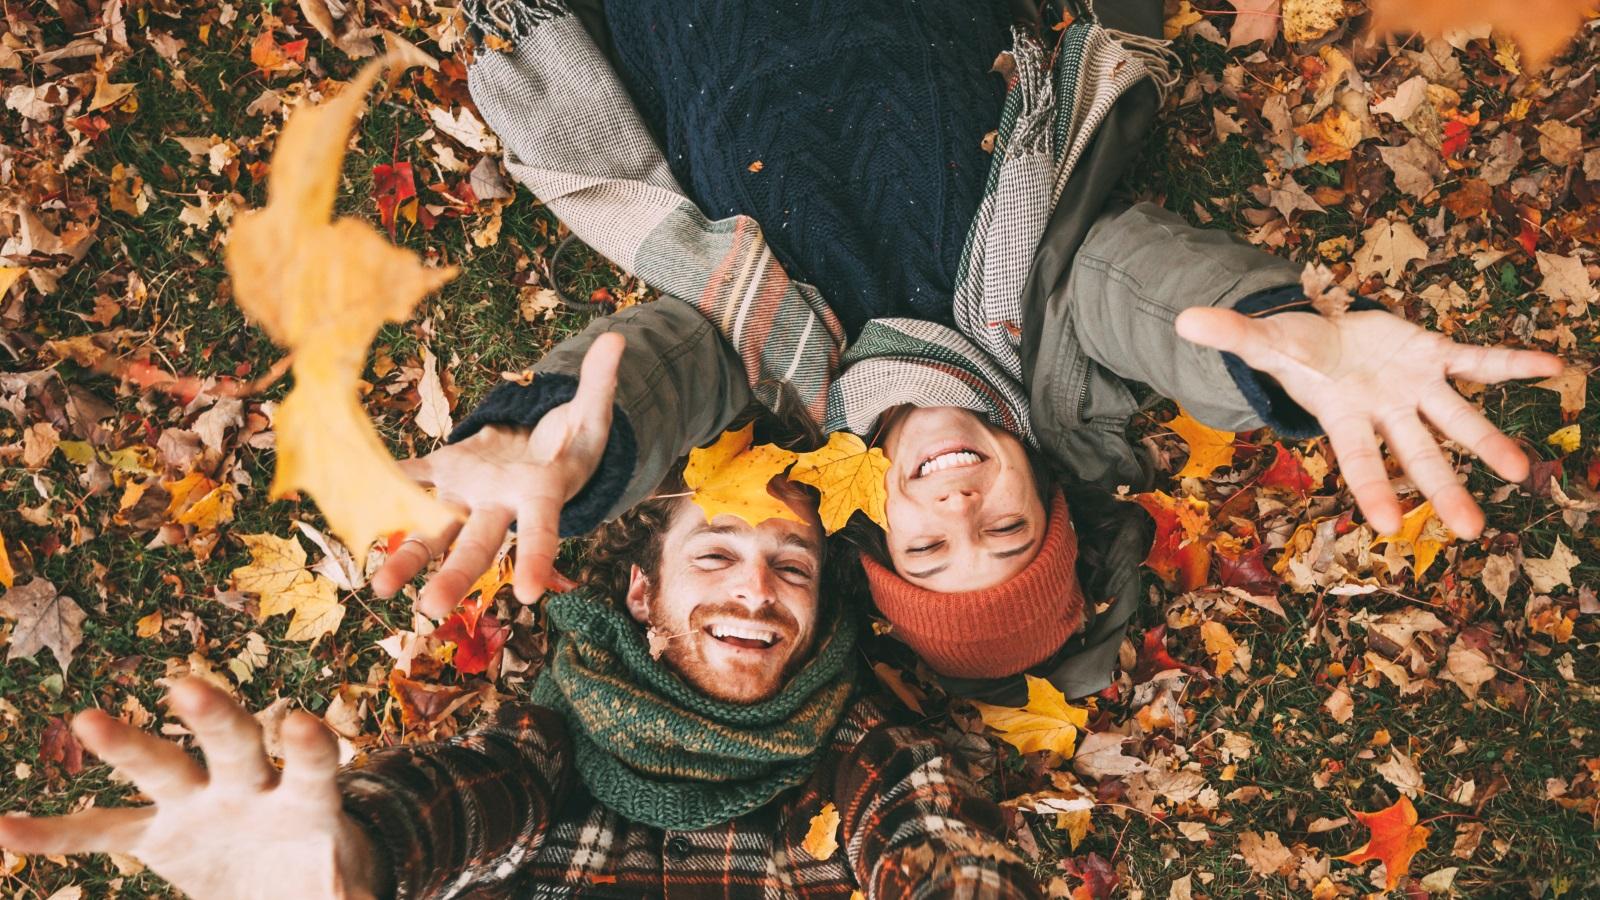 <p>Лъвовете ще бъдат много уверени и практични през 2020 г. - няма да мислят за истинската любов, а ще обръщат повече внимание на физическото си удоволствие. Най-добрите месеци за любов ще бъдат летните, когато се появява възможността за забавна и страстна връзка. От октомври започва период, богат на социализиране и пътуване - идеална възможност да се запознаете с нови хора.</p>